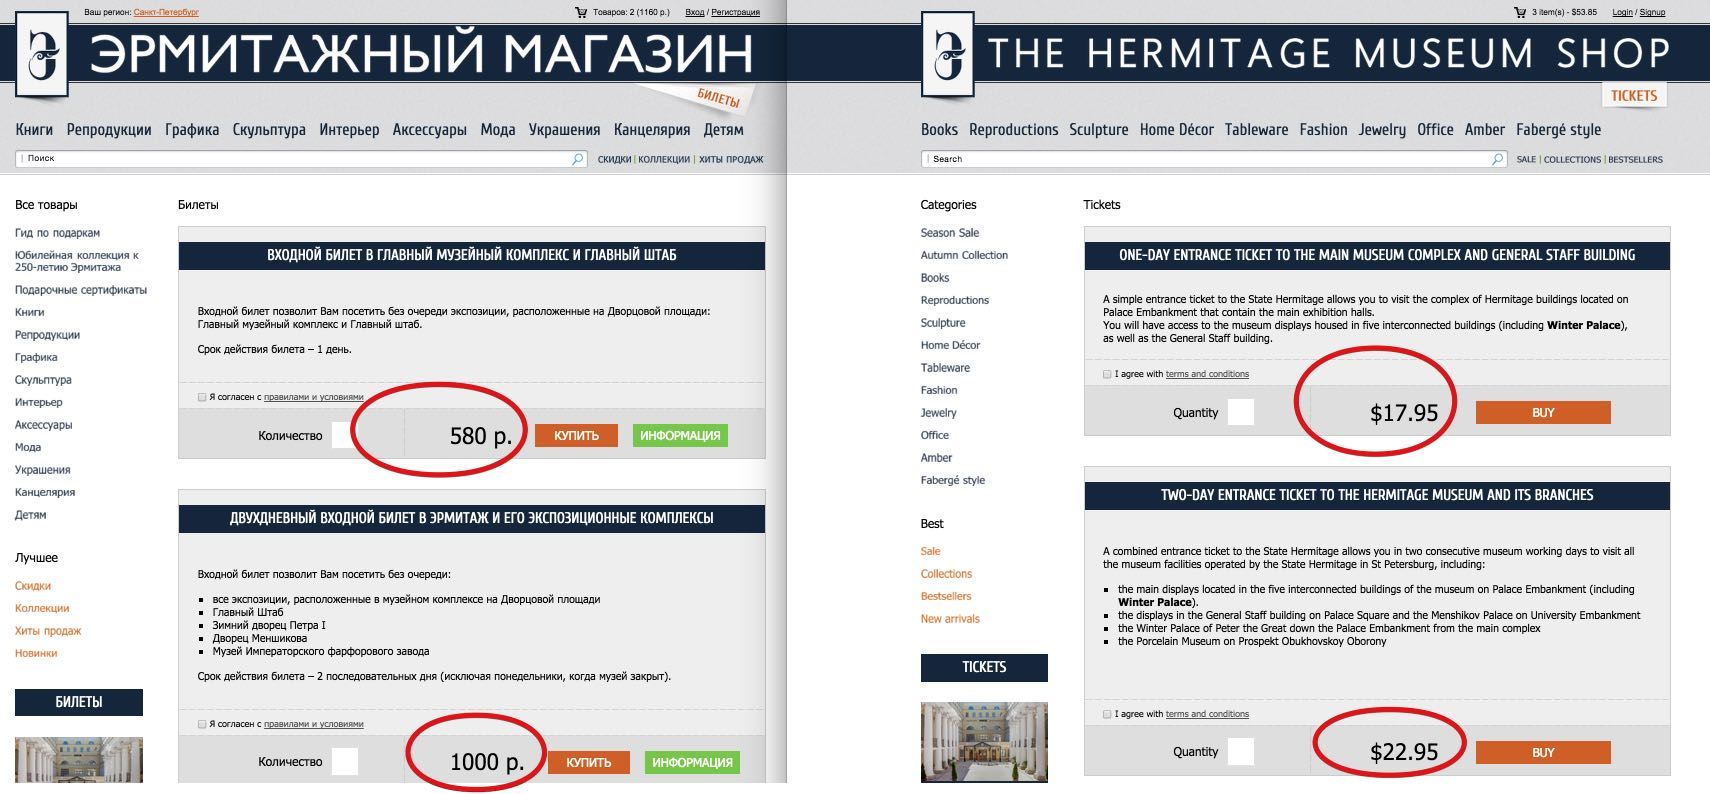 Il prezzo del biglietto Hermitage - versione russa e inglese